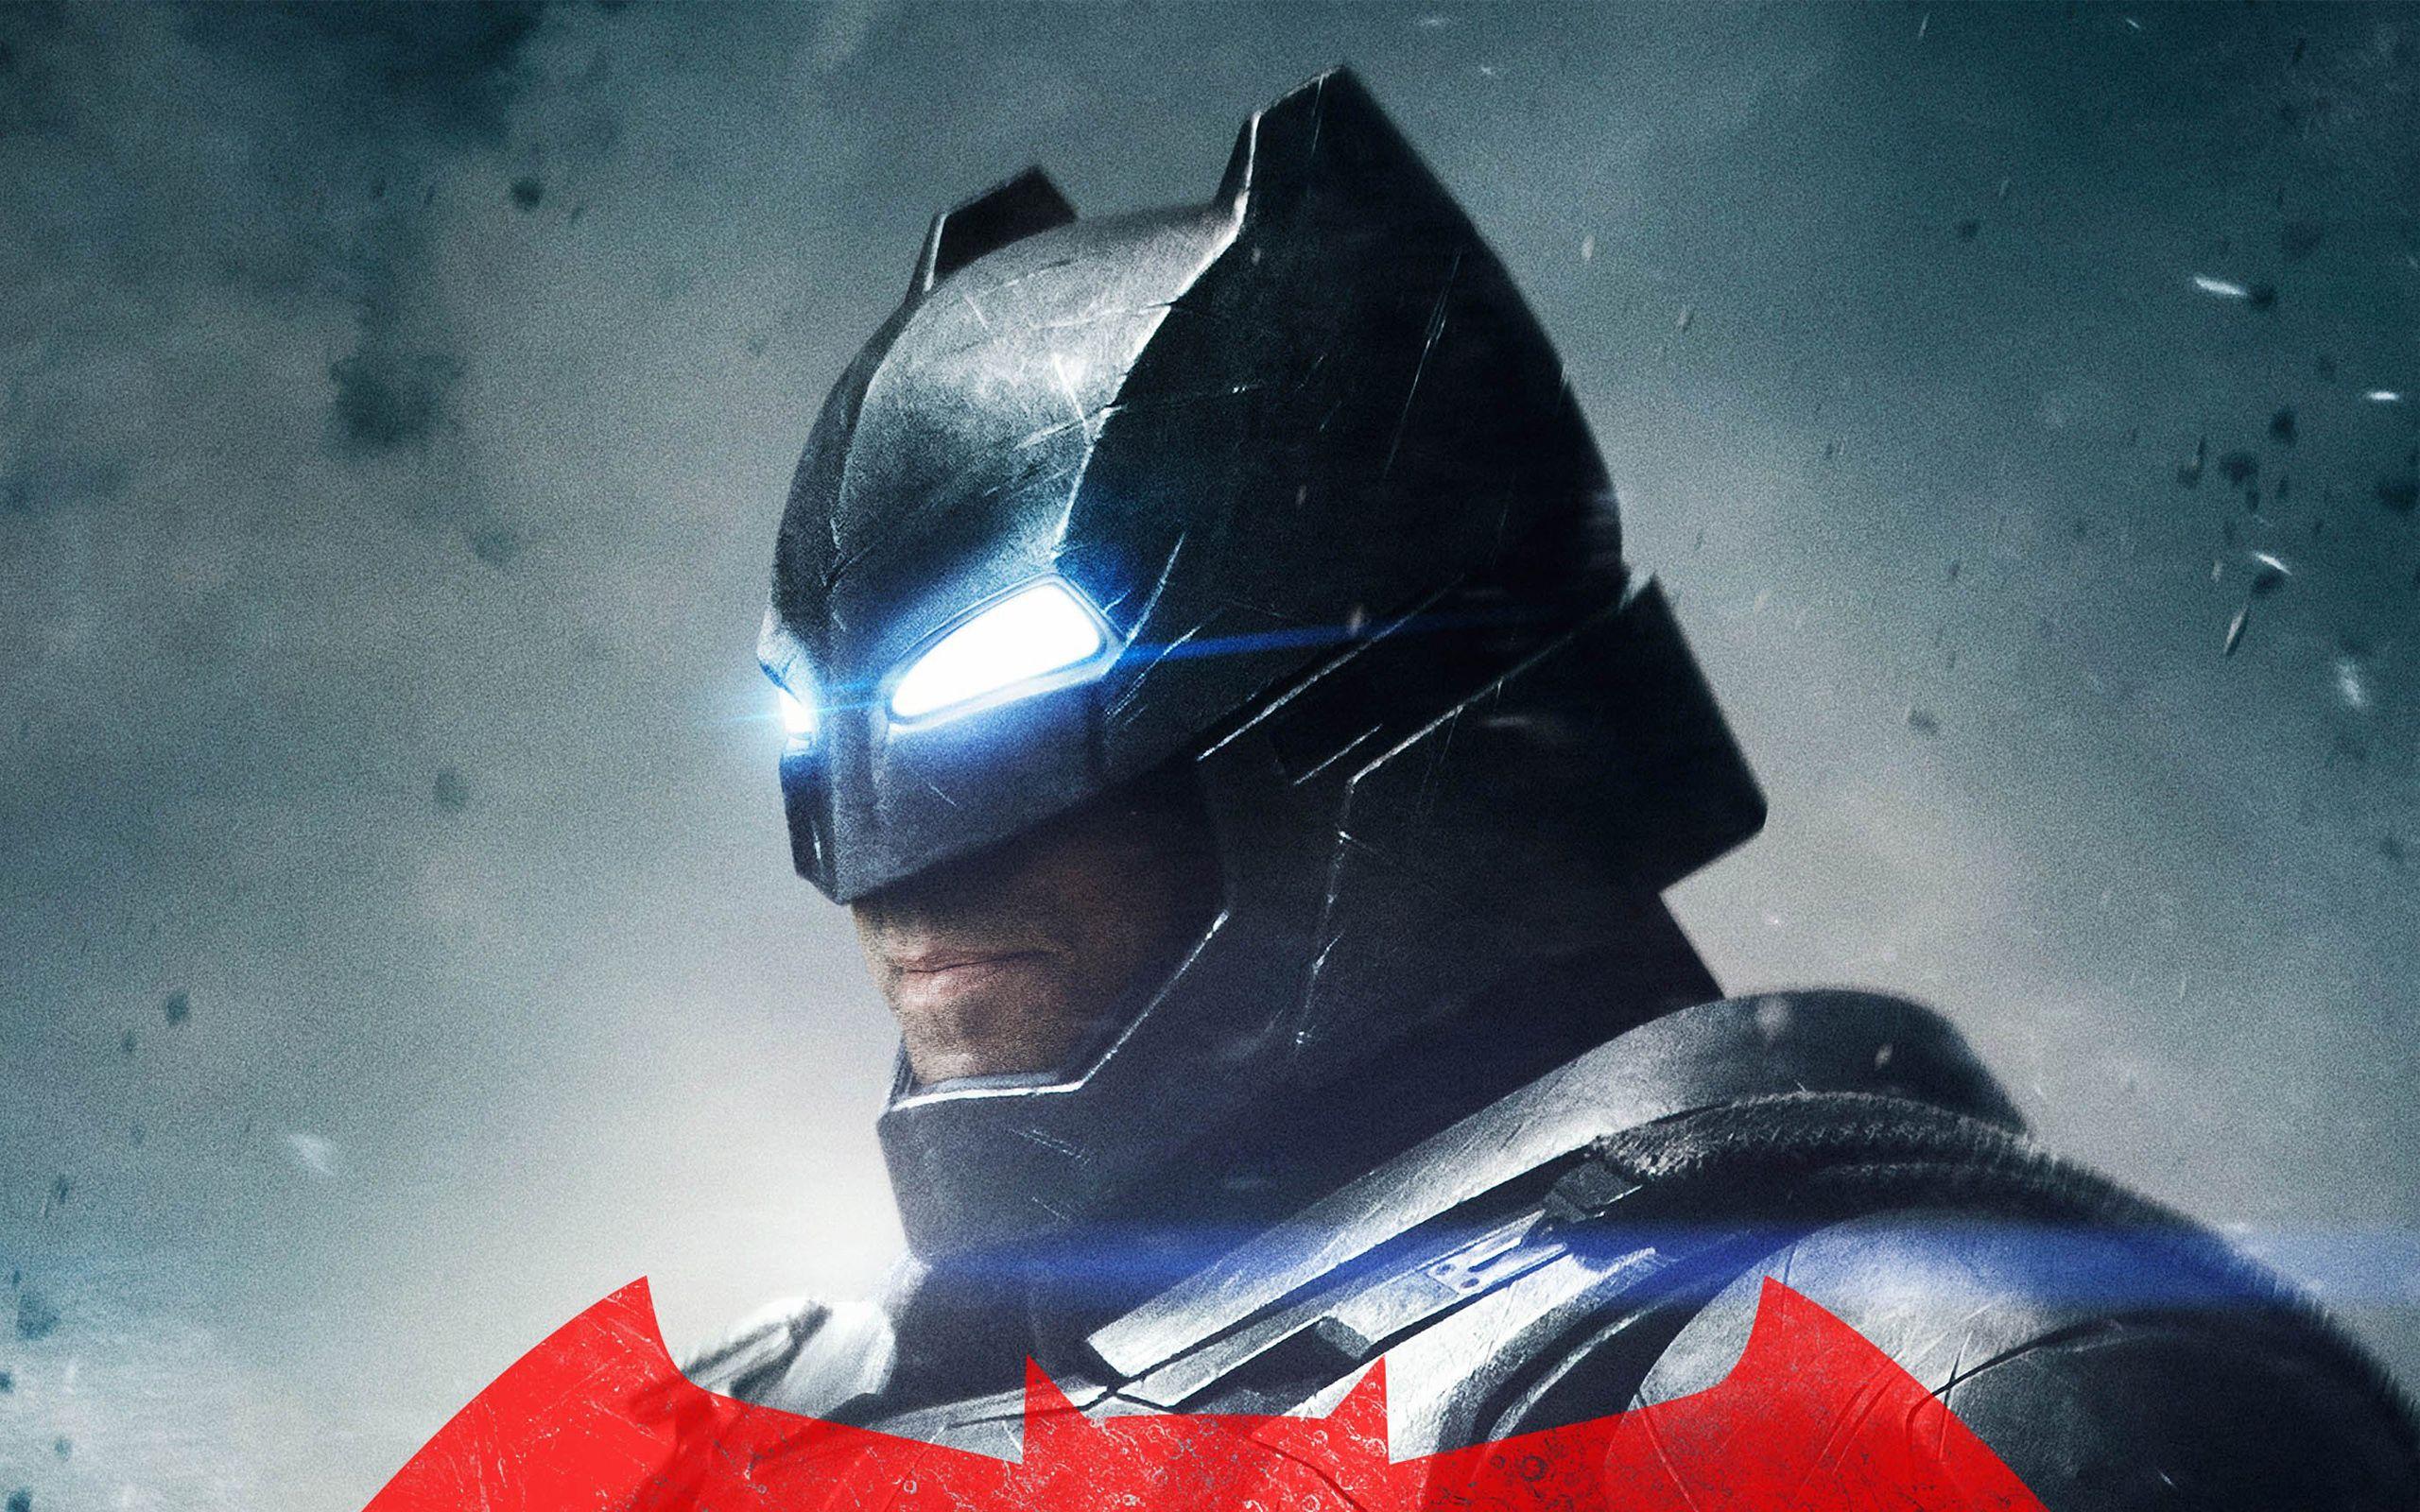 Download batman vs superman hd wallpaper in 2048x1152 screen desktop backgrounds toneelgroepblik Gallery